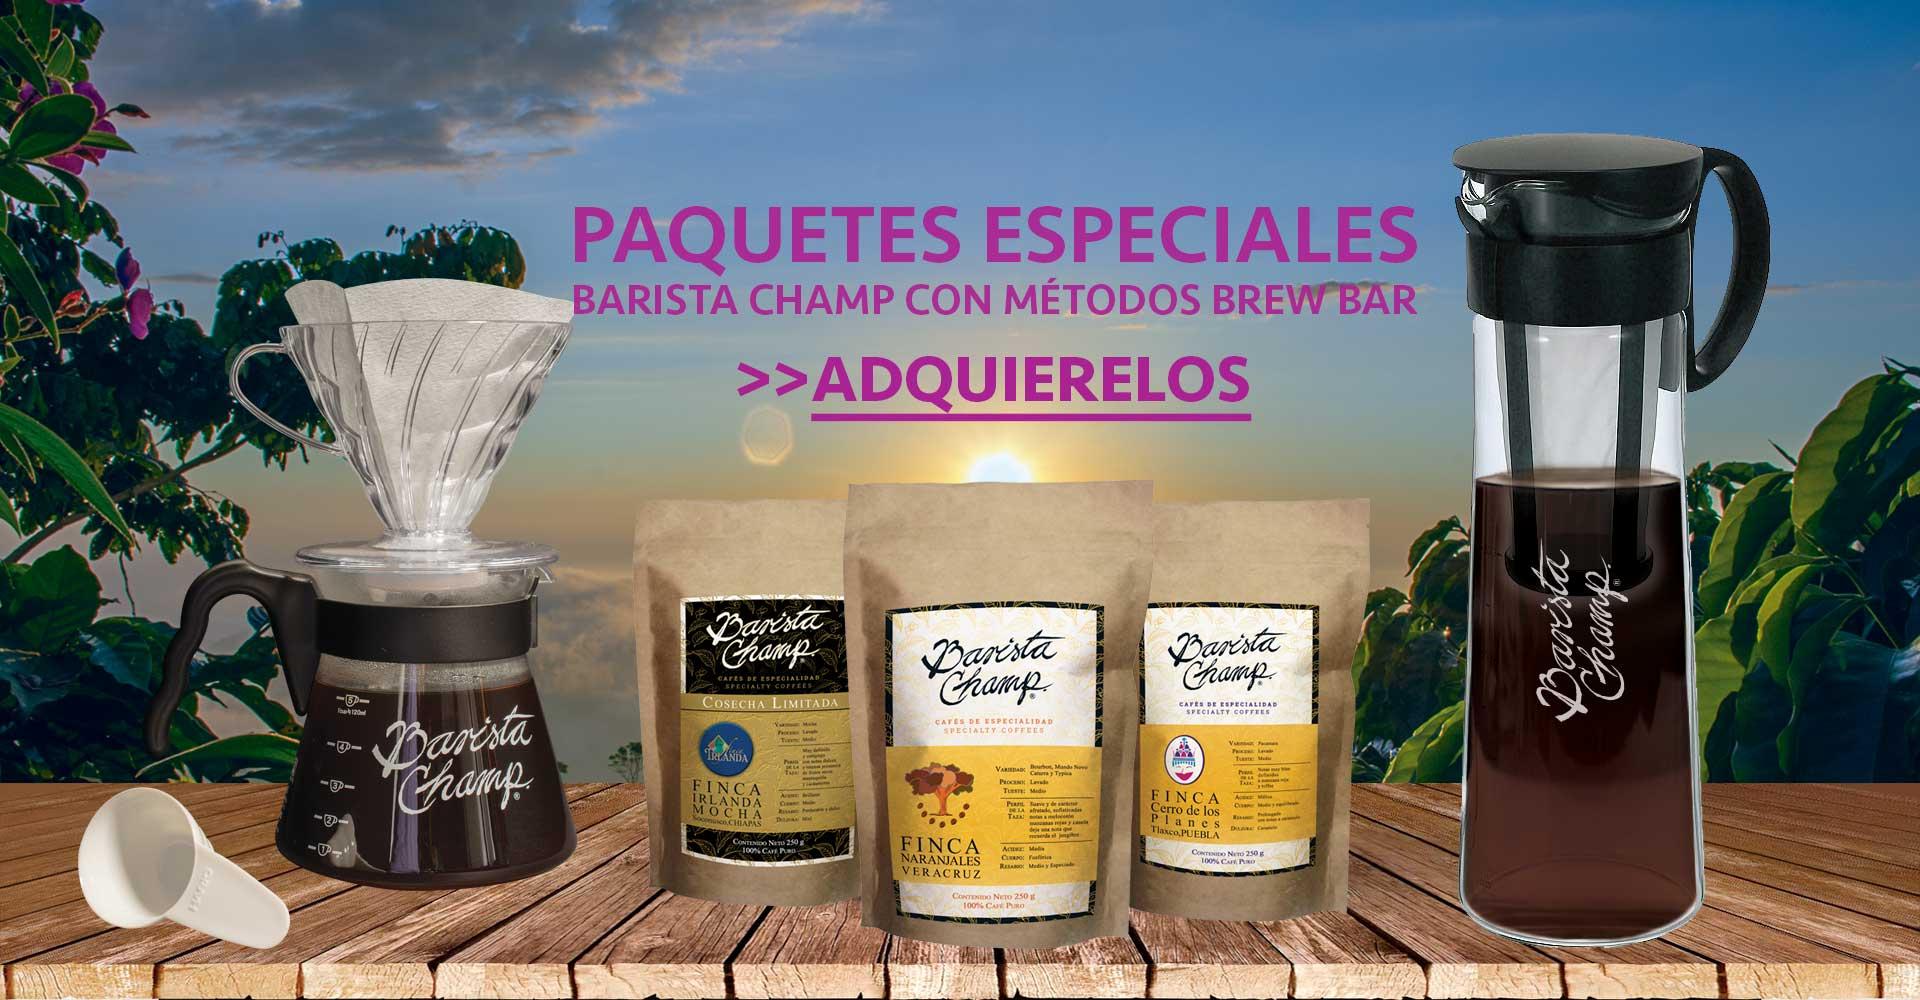 Slider-Cafés-de-Especialidad-Paquetes-Folleto